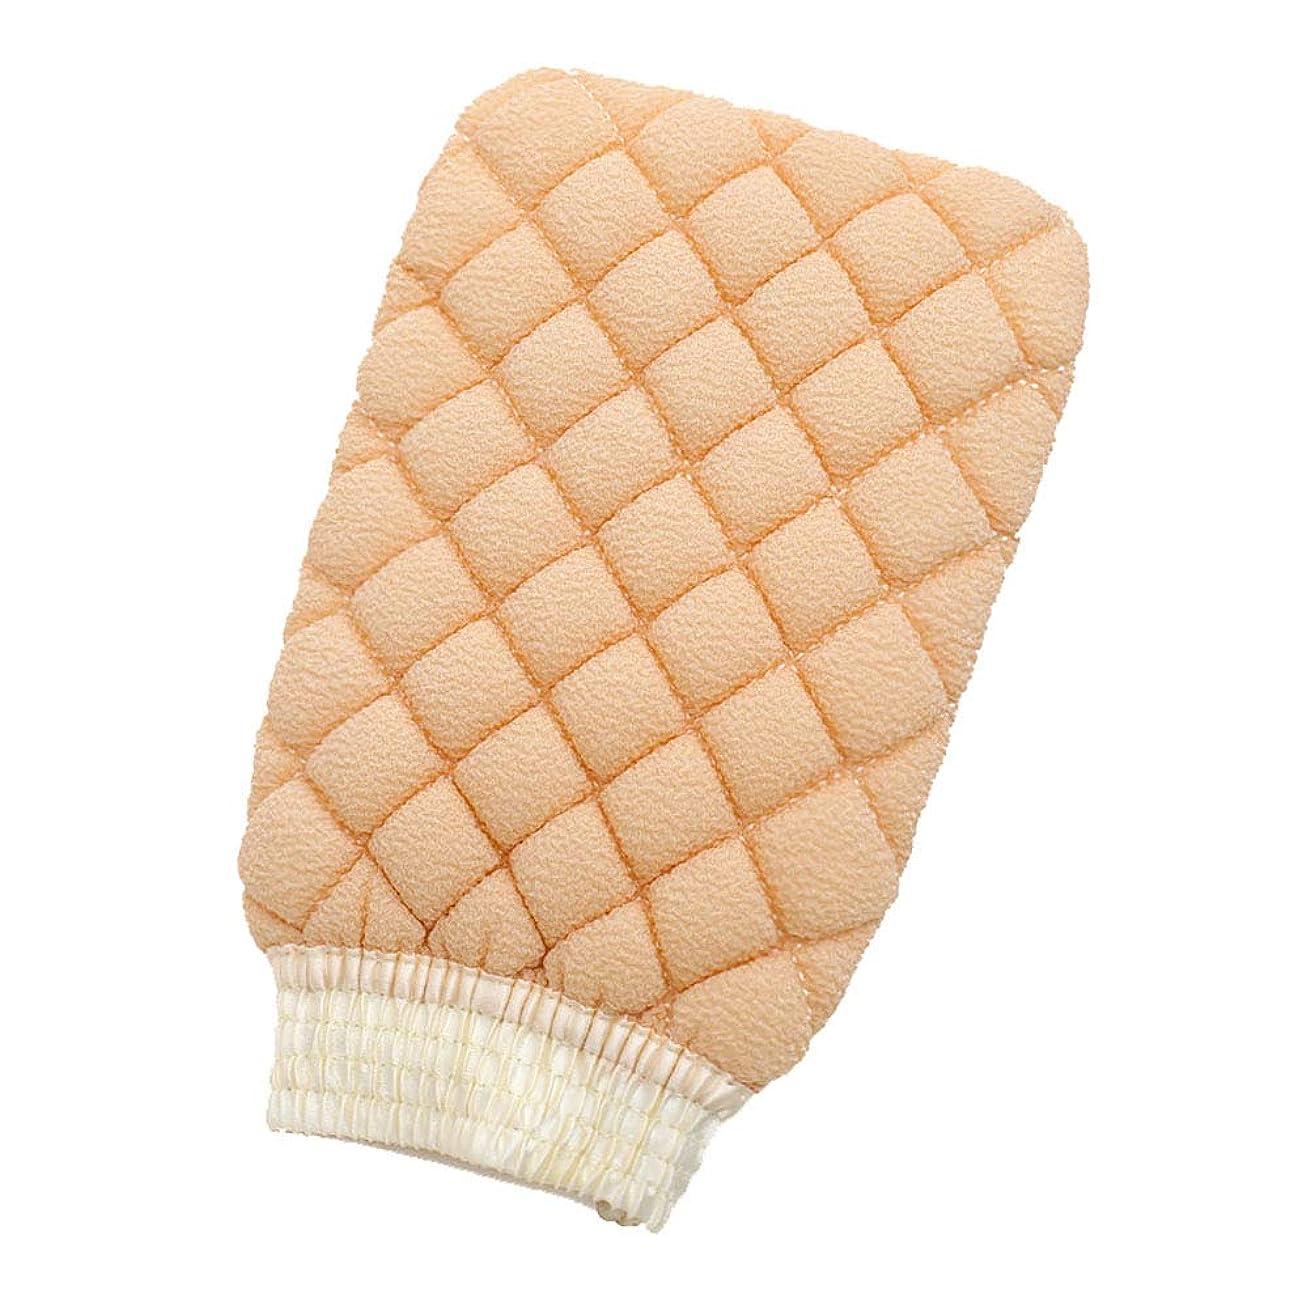 ボタン崇拝するテスピアンダブルサイドバスタオル除染バスタオルバック入浴手袋(ベージュ)